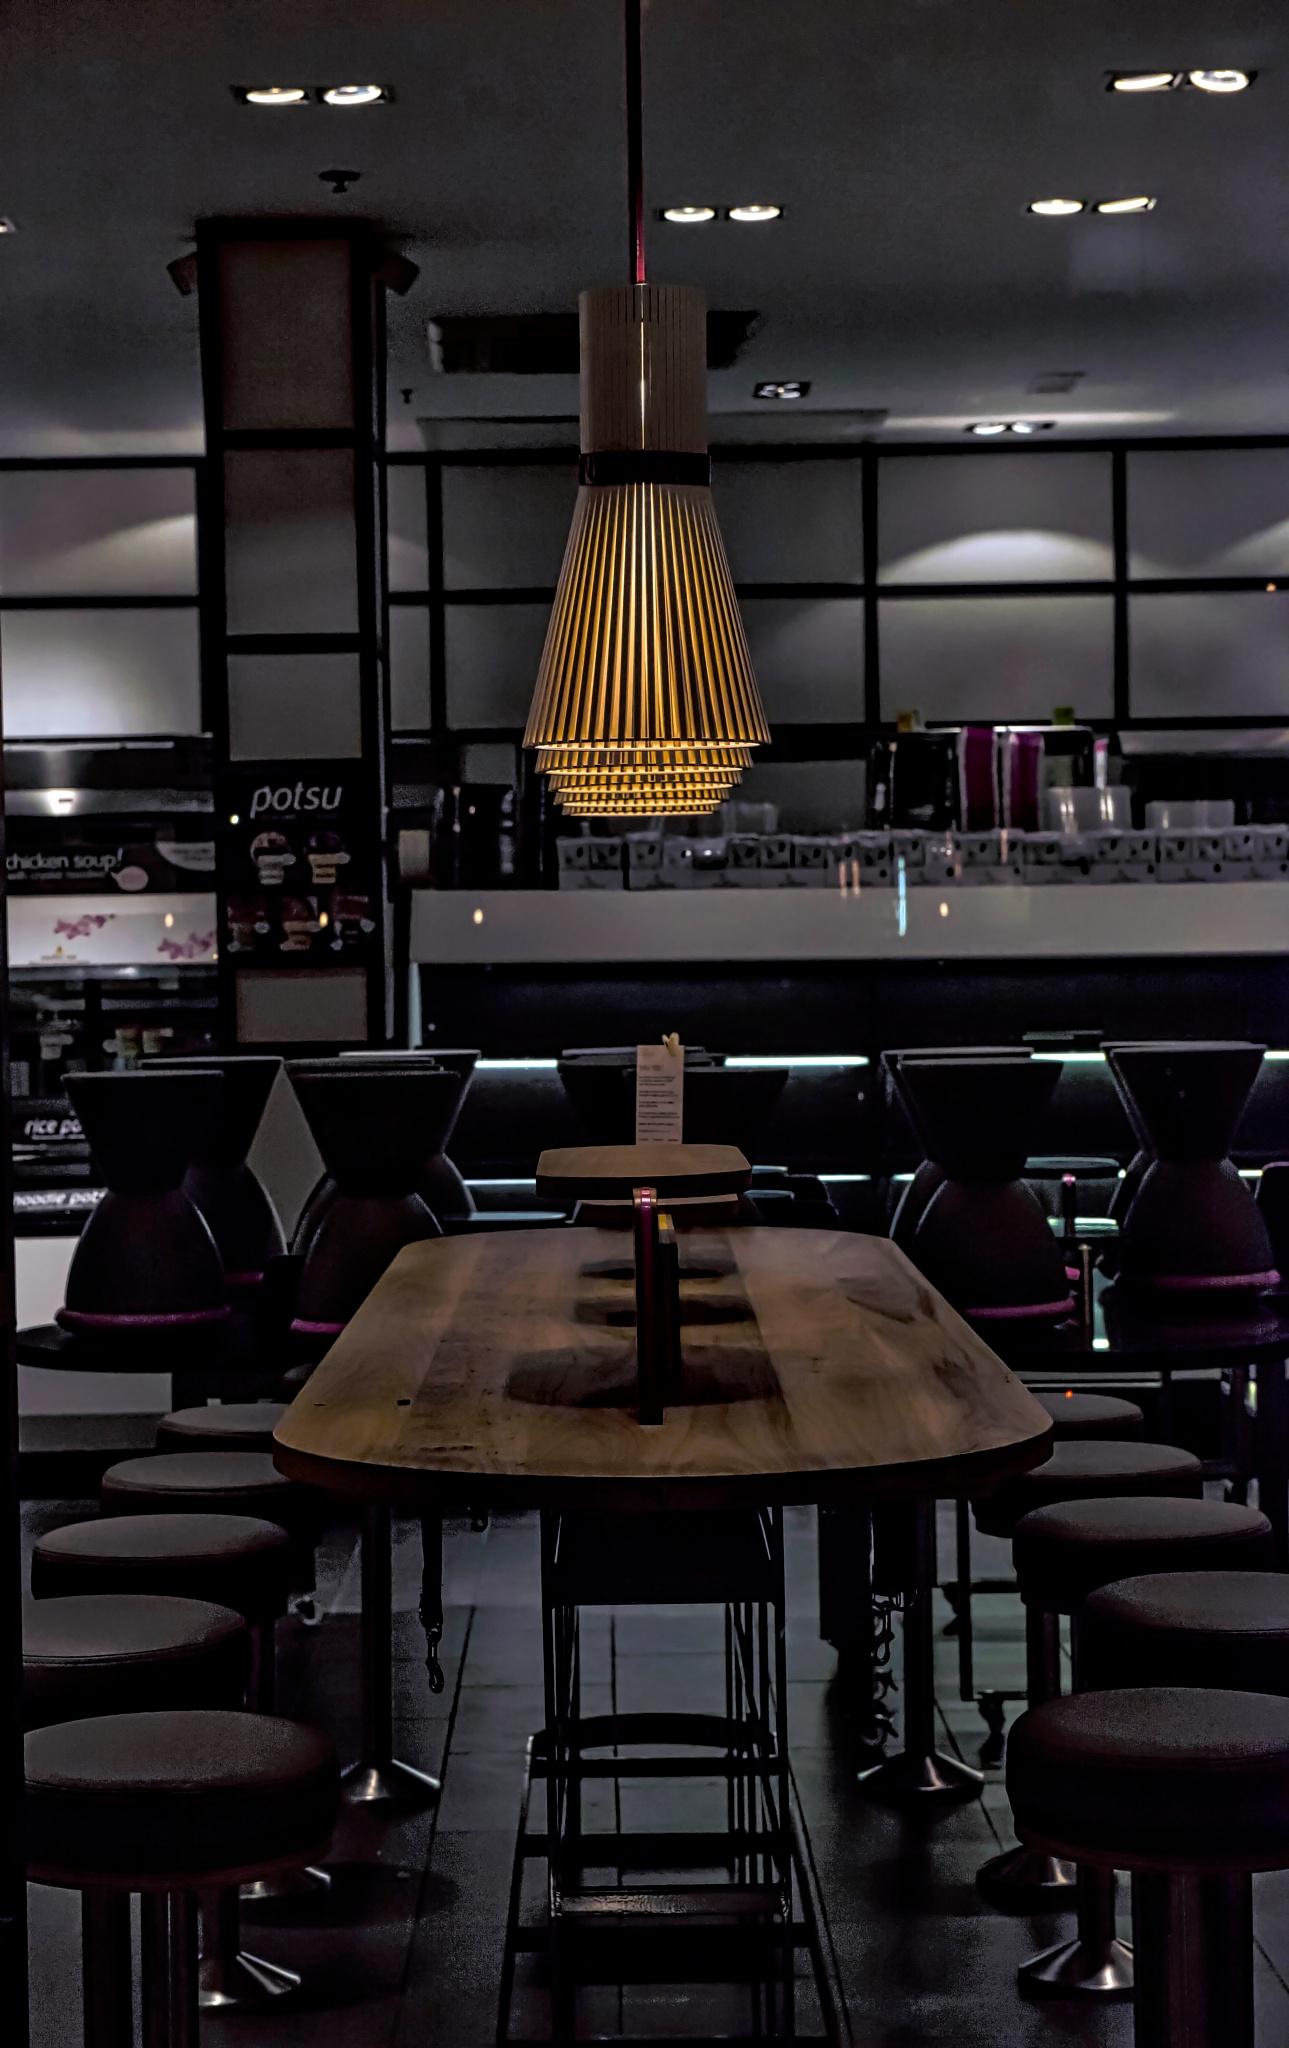 Restaurant by NextEye